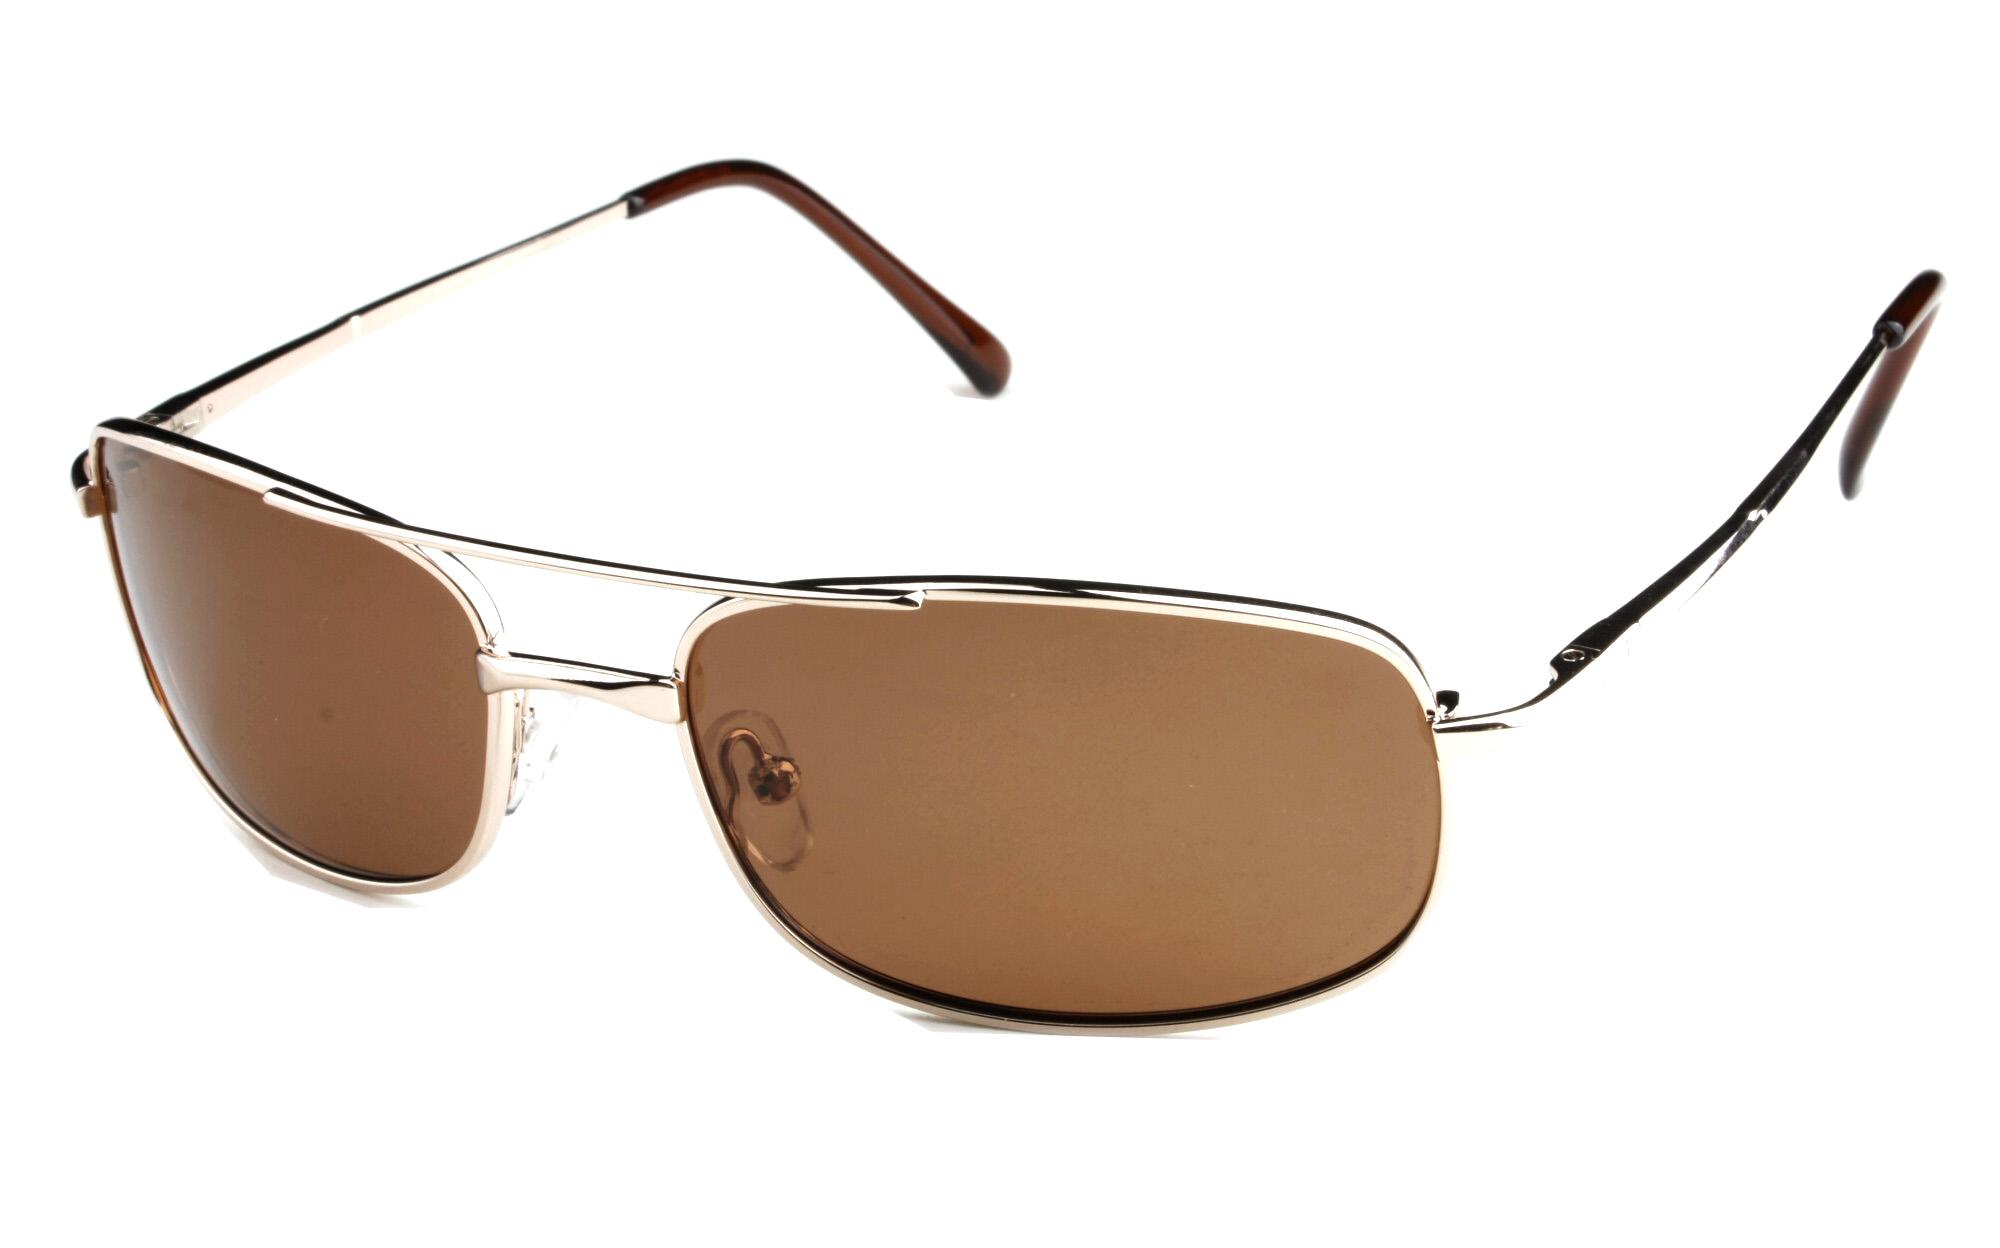 10 Best Polarized Sunglasses For Men 2018